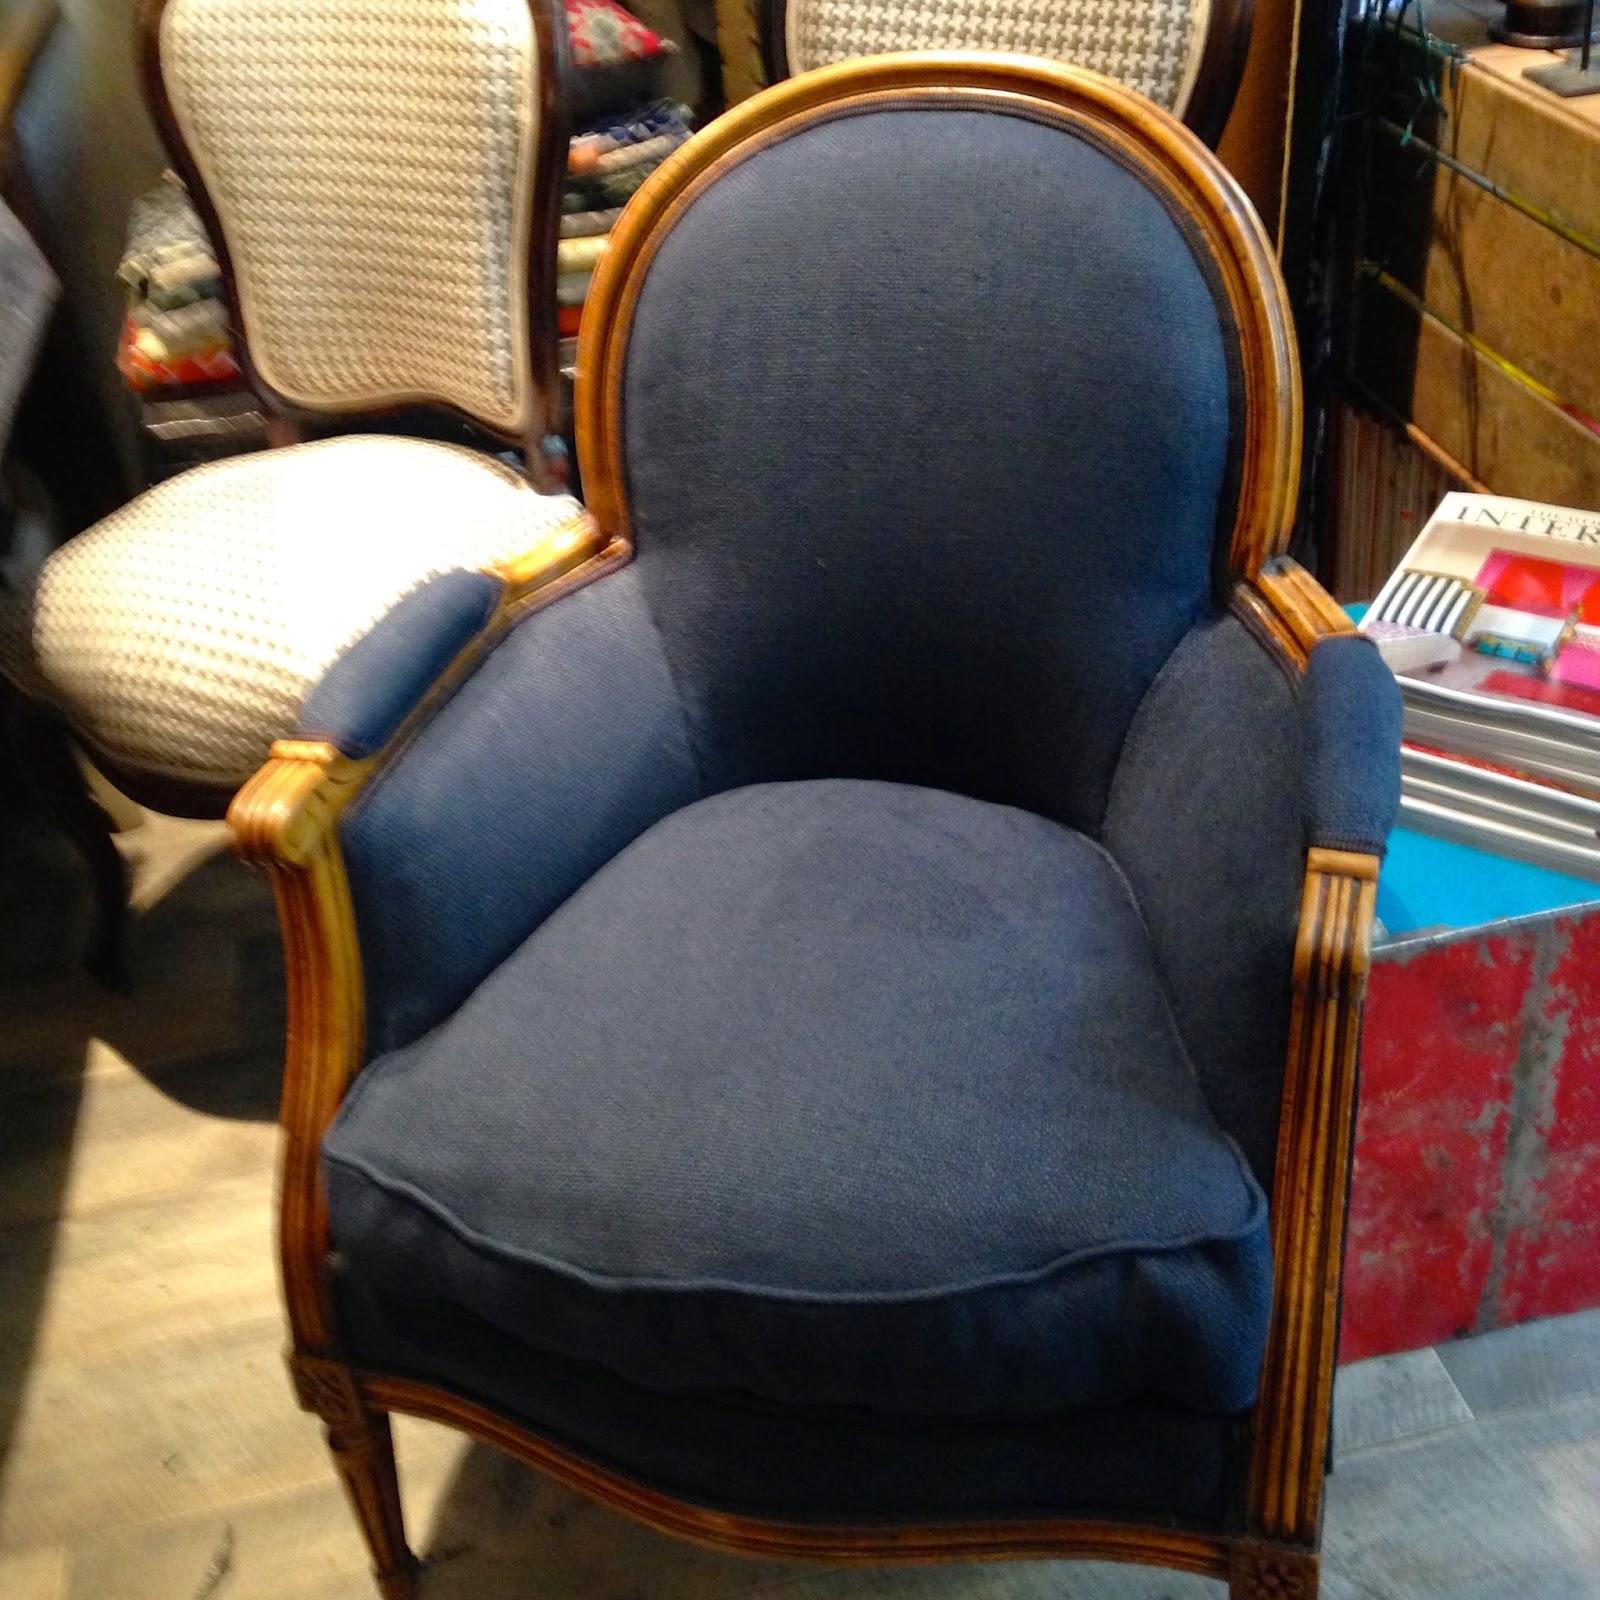 atelier anne lavit artisan tapissier d corateur 69007 lyon berg re louis xvi chaises napol on. Black Bedroom Furniture Sets. Home Design Ideas